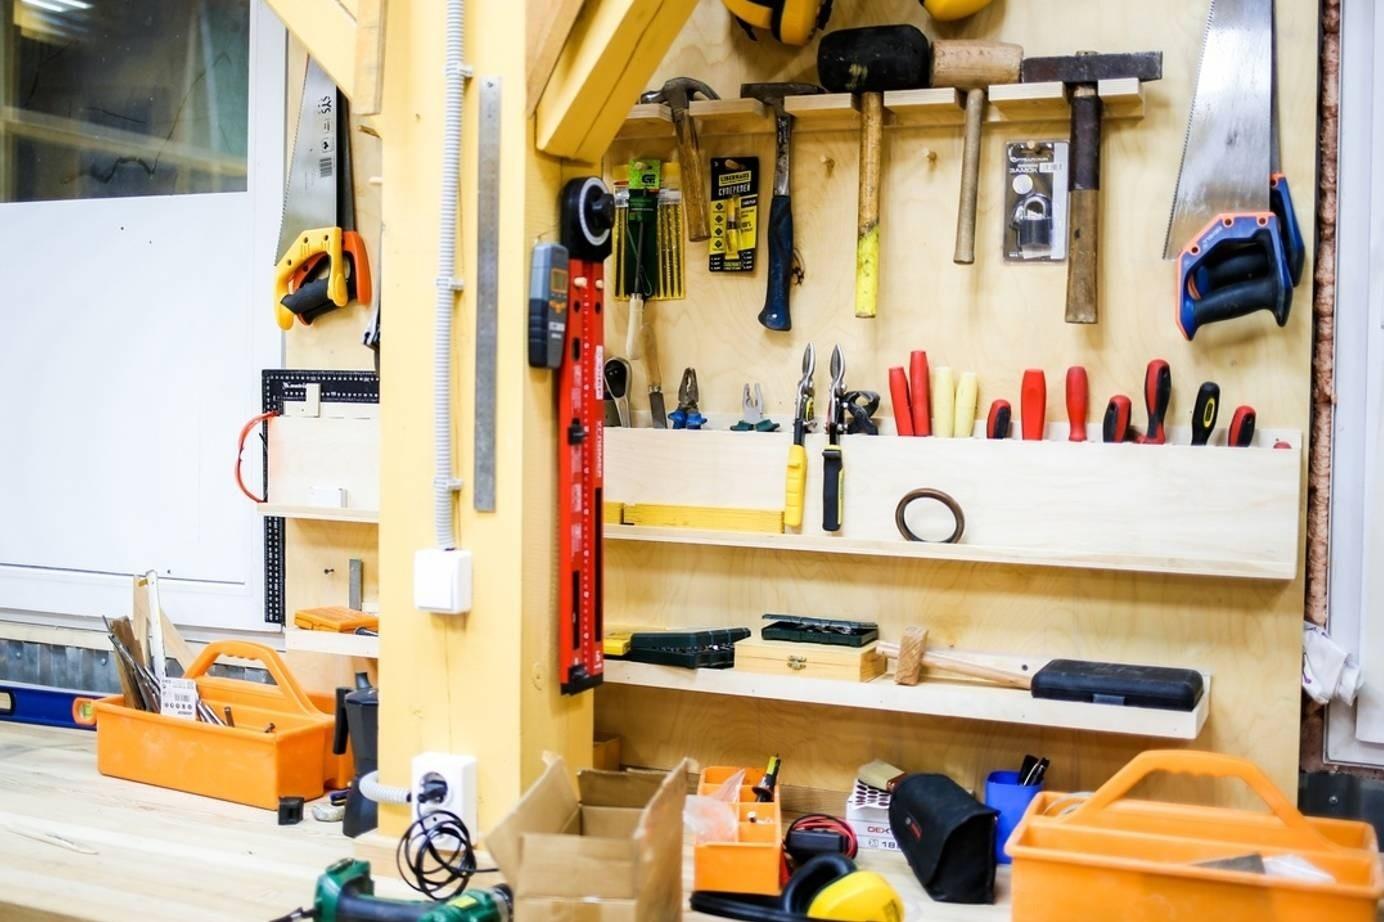 На верфи Товарищества поморского судостроения научат столярному и плотницкому мастерству